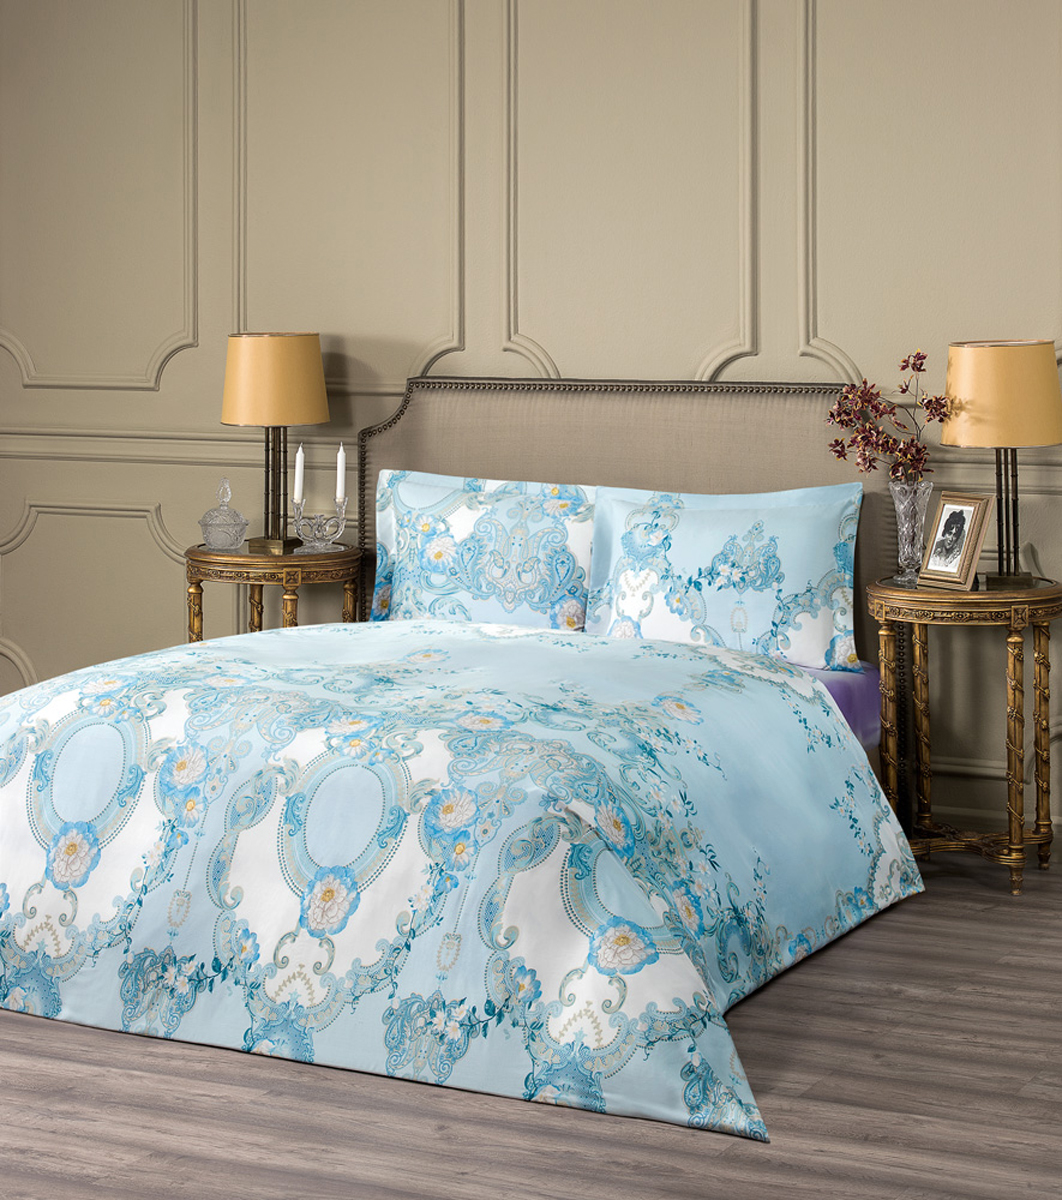 Комплект белья Estia Джардини, евро, наволочки 50x70, цвет: голубой99.57.41.0012Комплект белья Estia Джардини из эвкалиптового волокна наполнит вашу спальню уютом и красотой. Комплект приятен на ощупь и не капризен вуходе. ESTIA - бренд домашнего текстиля группы компаний Togas. Основанная в 1926 году в Греции предпринимателем Илиасом Тогасом, компанияодна из первых применила новаторские методы пошива и декорирования постельного белья и заслужила репутацию ведущего эксперта втекстильном деле. Верность семейным традициям качества и новаторский дух - главные слагаемые успеха Togas, чьи достижения изменилиоблик современной текстильной промышленности и наши представления о комфорте. ESTIA - это итальянская классика, где винтажный стиль и щедрое использование аутентичных элементов декора дополняются высокимкачеством тканей.Все это, а также исключительная практичность и простота в эксплуатации делают продукцию бренда эталоном современного комфорта.Если вы искали совершенства - вы его нашли: ESTIA - это настоящее украшение, которое преобразит не только ваш интерьер, но и вашу жизнь.